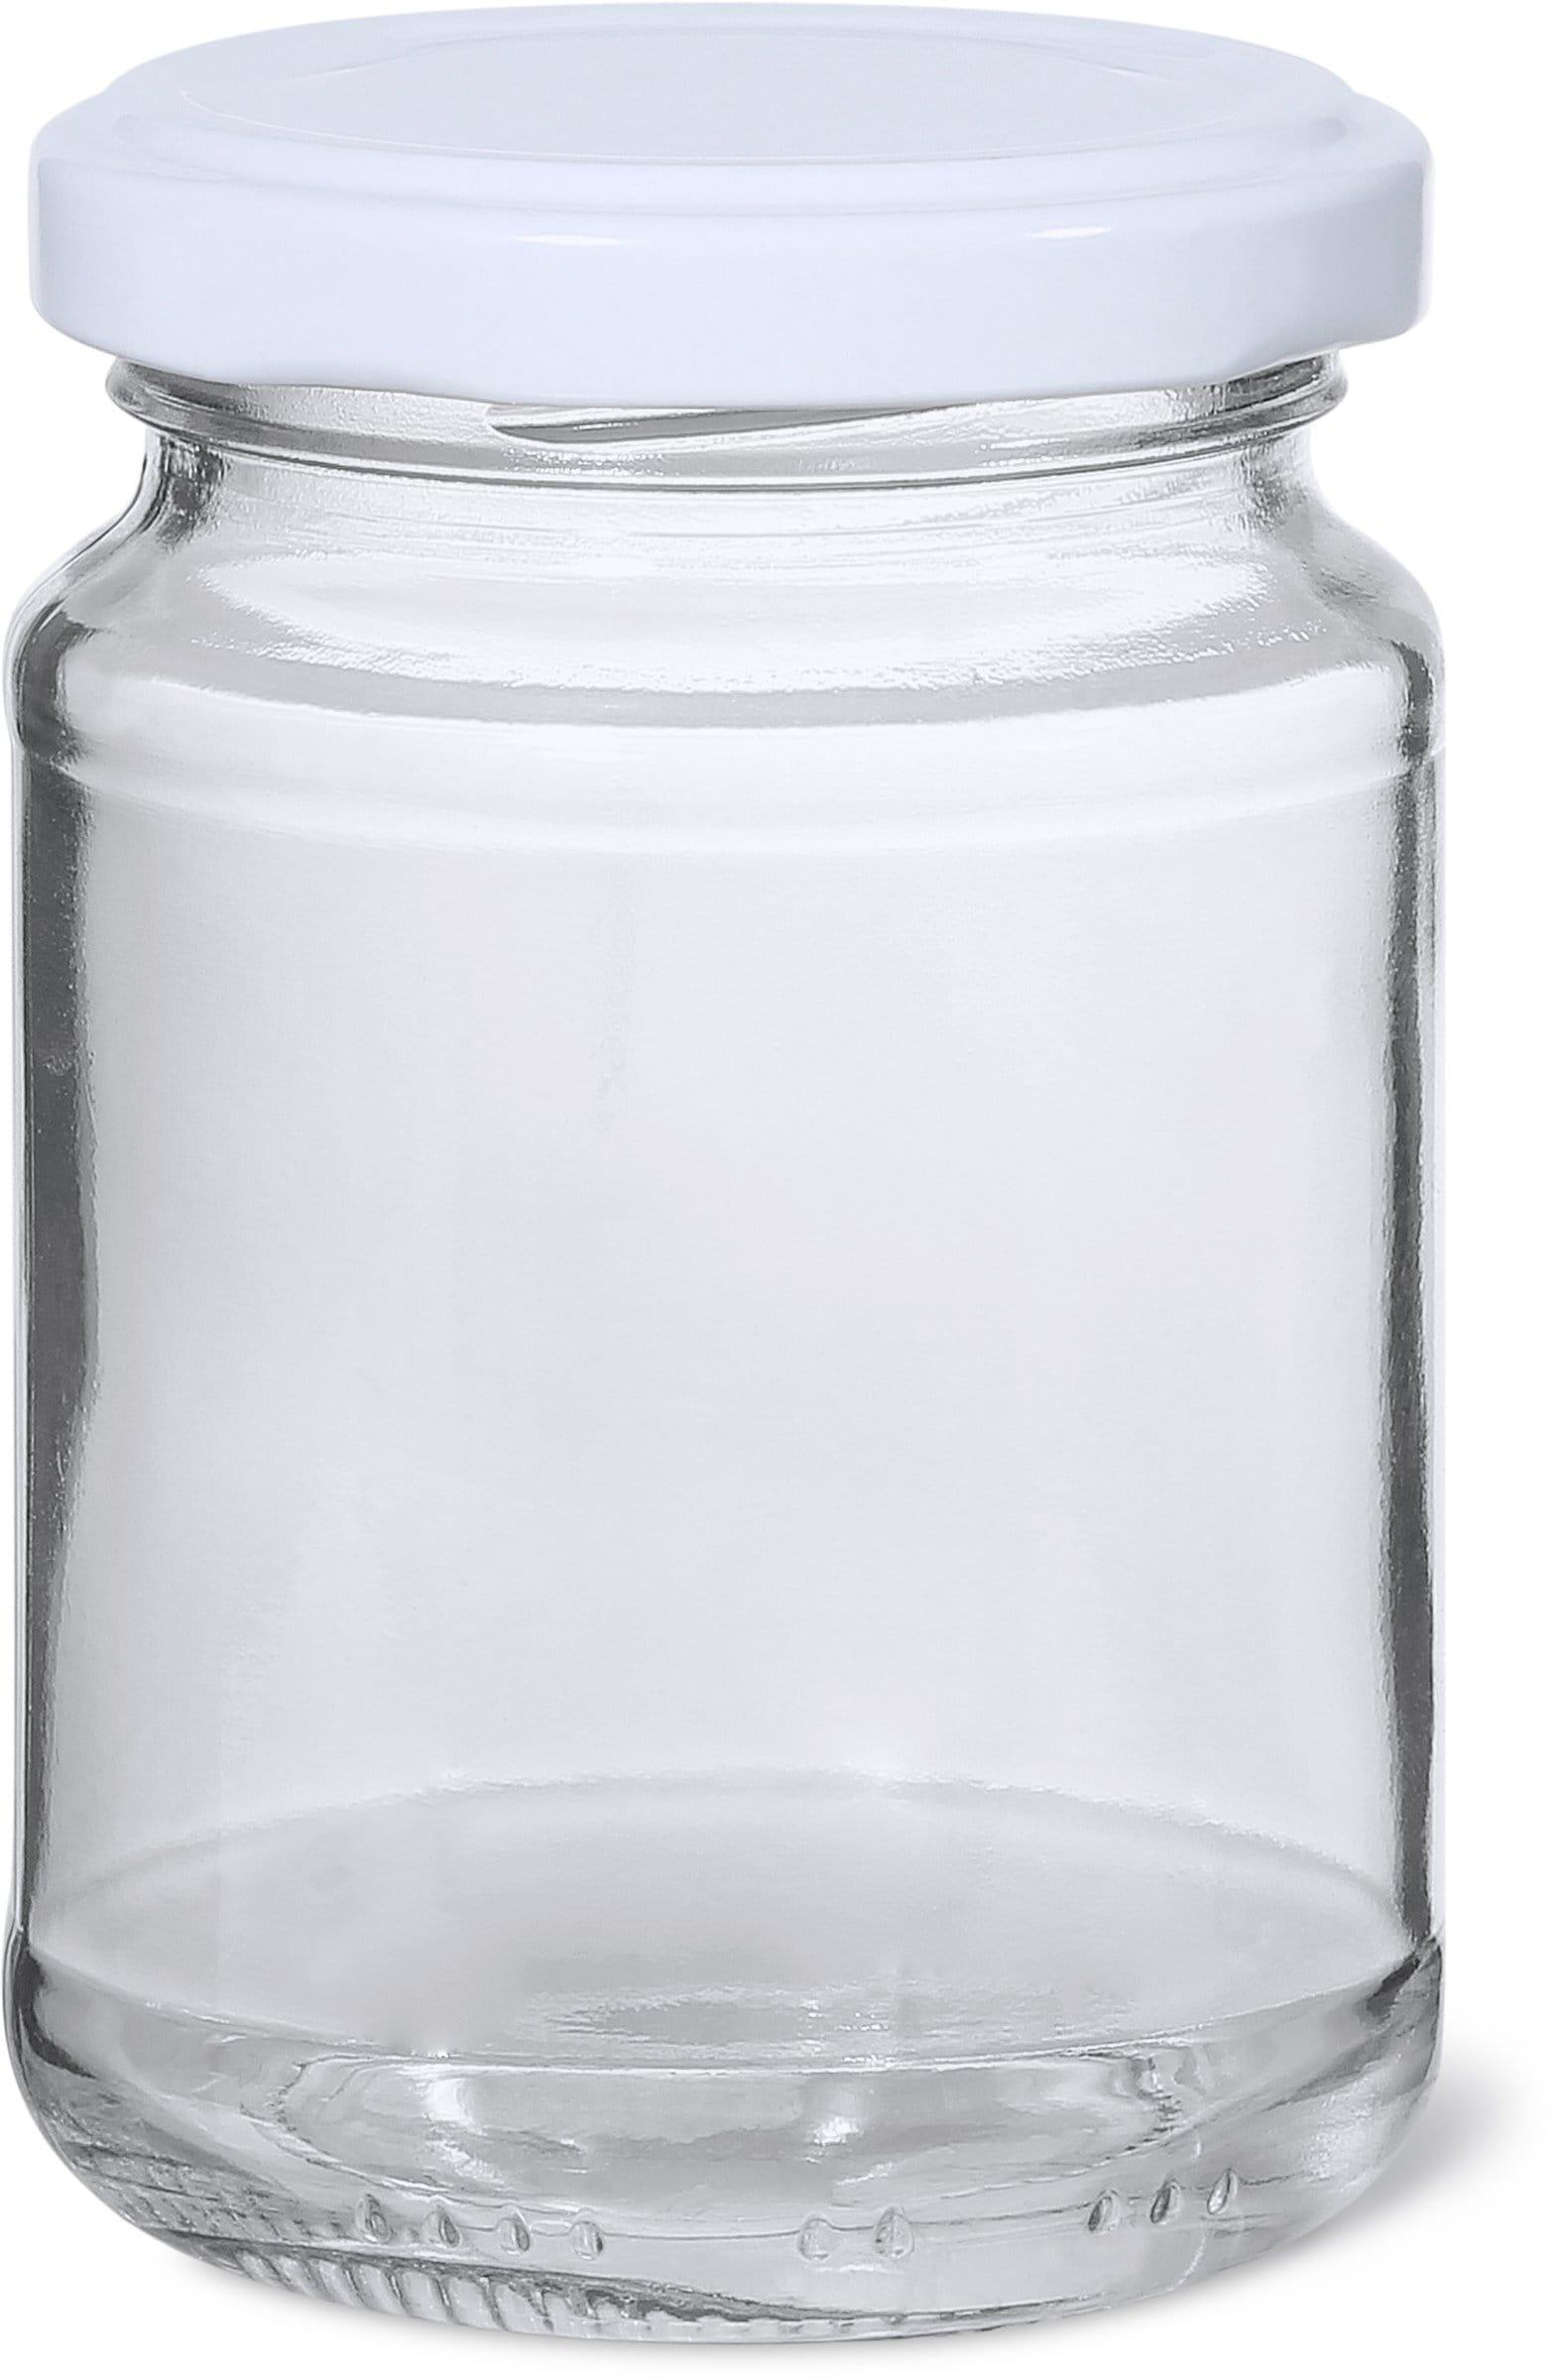 Cucina & Tavola Honigglas 20.5cl